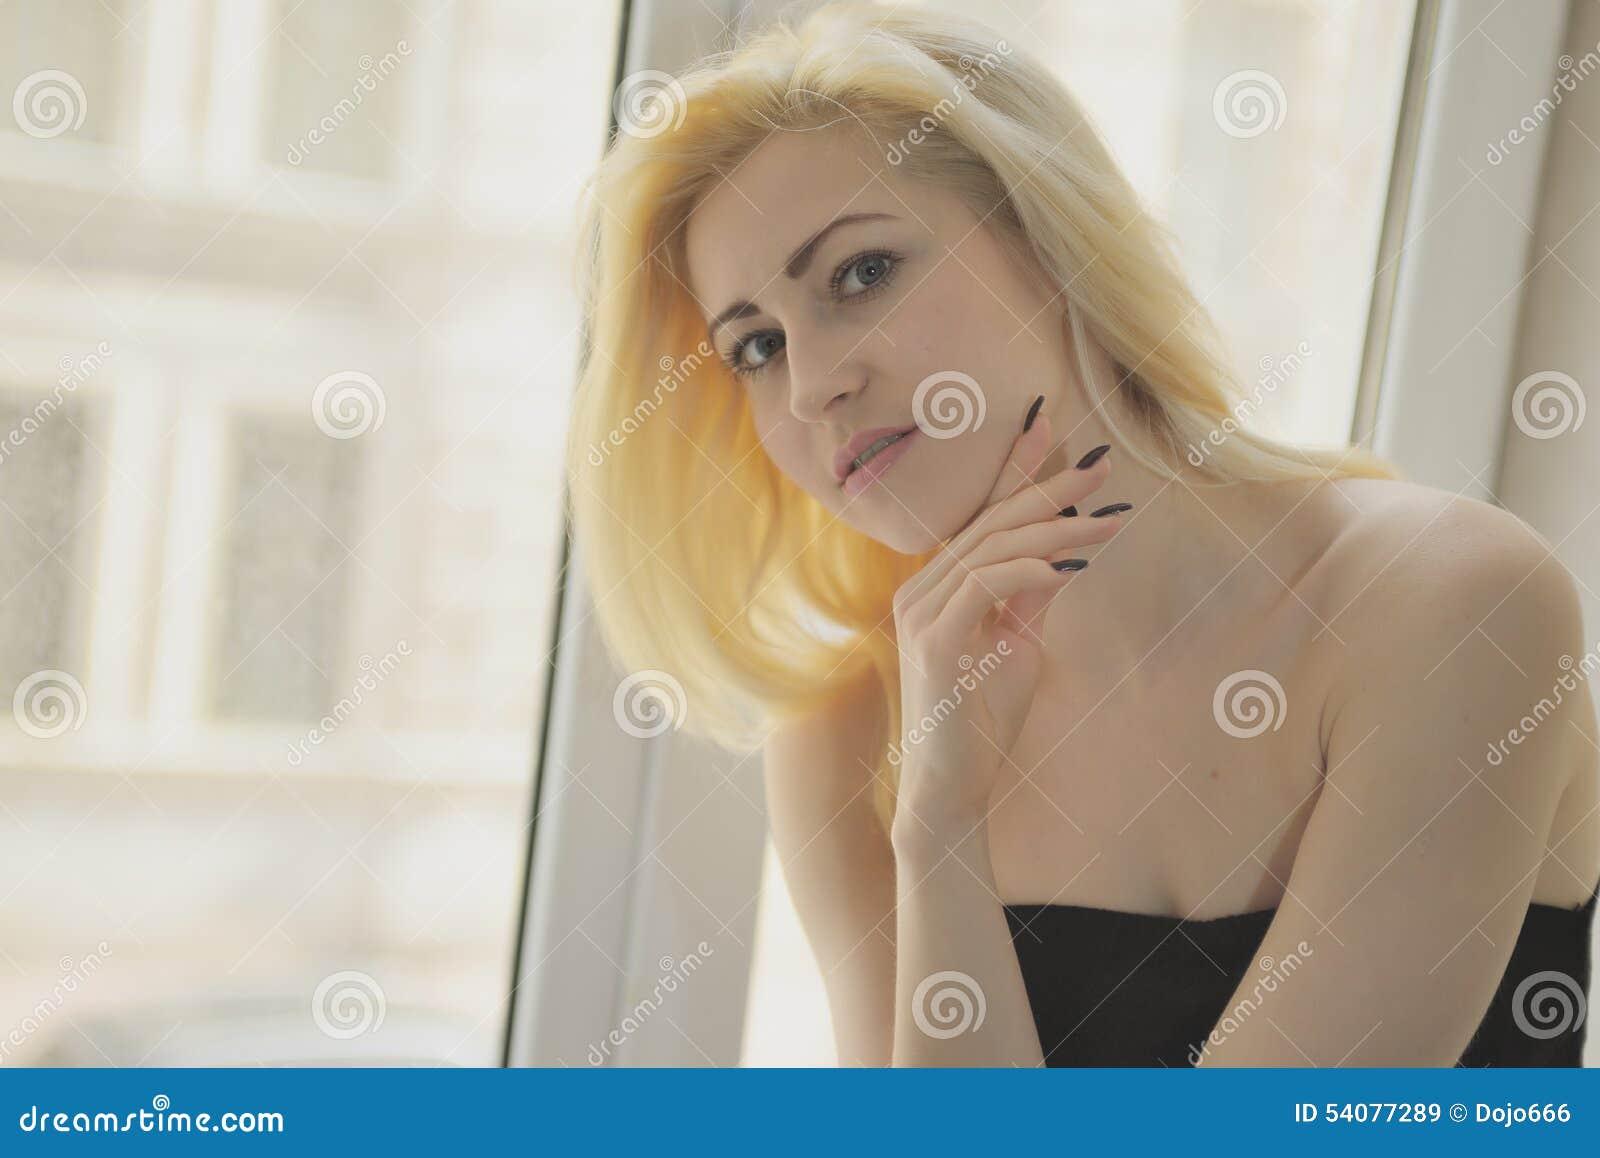 Portret dichte omhooggaand van jonge mooie blondevrouw dichtbij venster